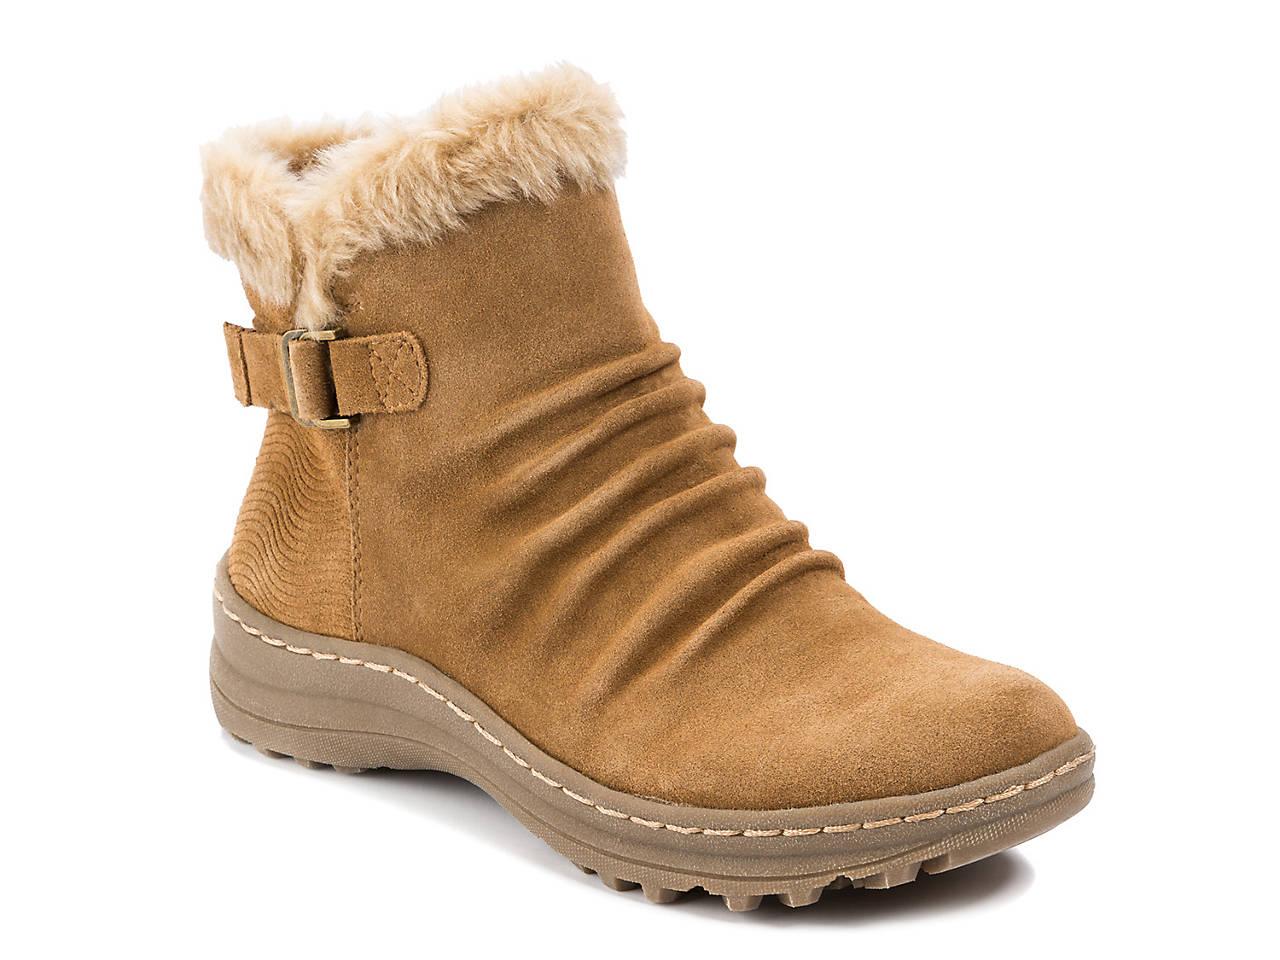 ef804a68d57f Bare Traps Aleah Snow Boot Women s Shoes